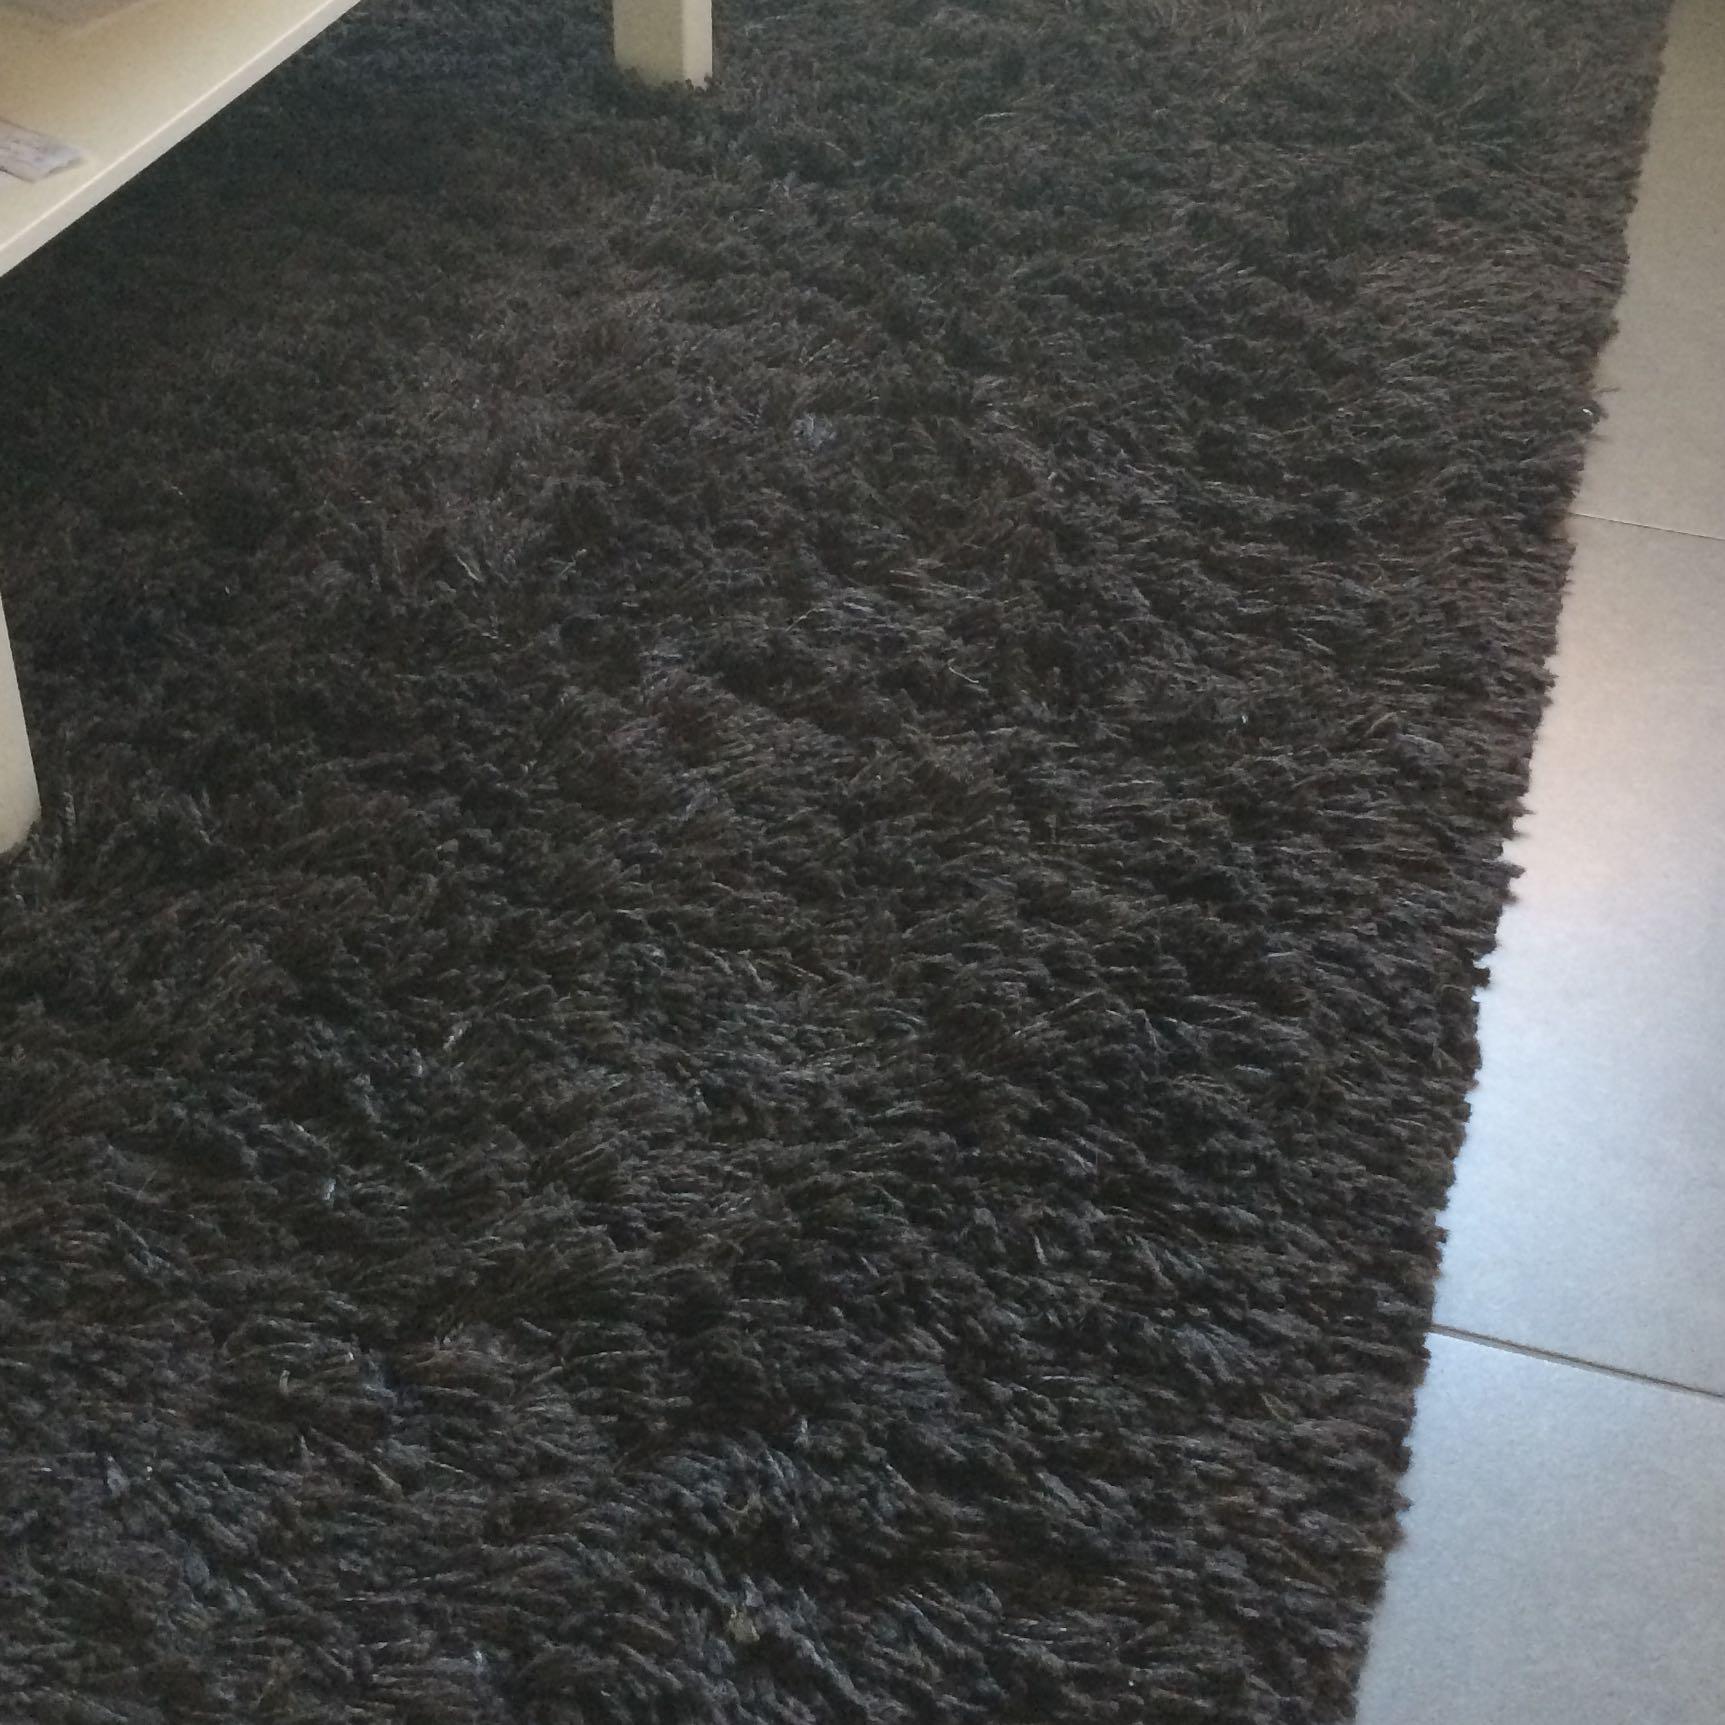 hochflor teppich haare entfernen wie haushalt hygiene waschen. Black Bedroom Furniture Sets. Home Design Ideas